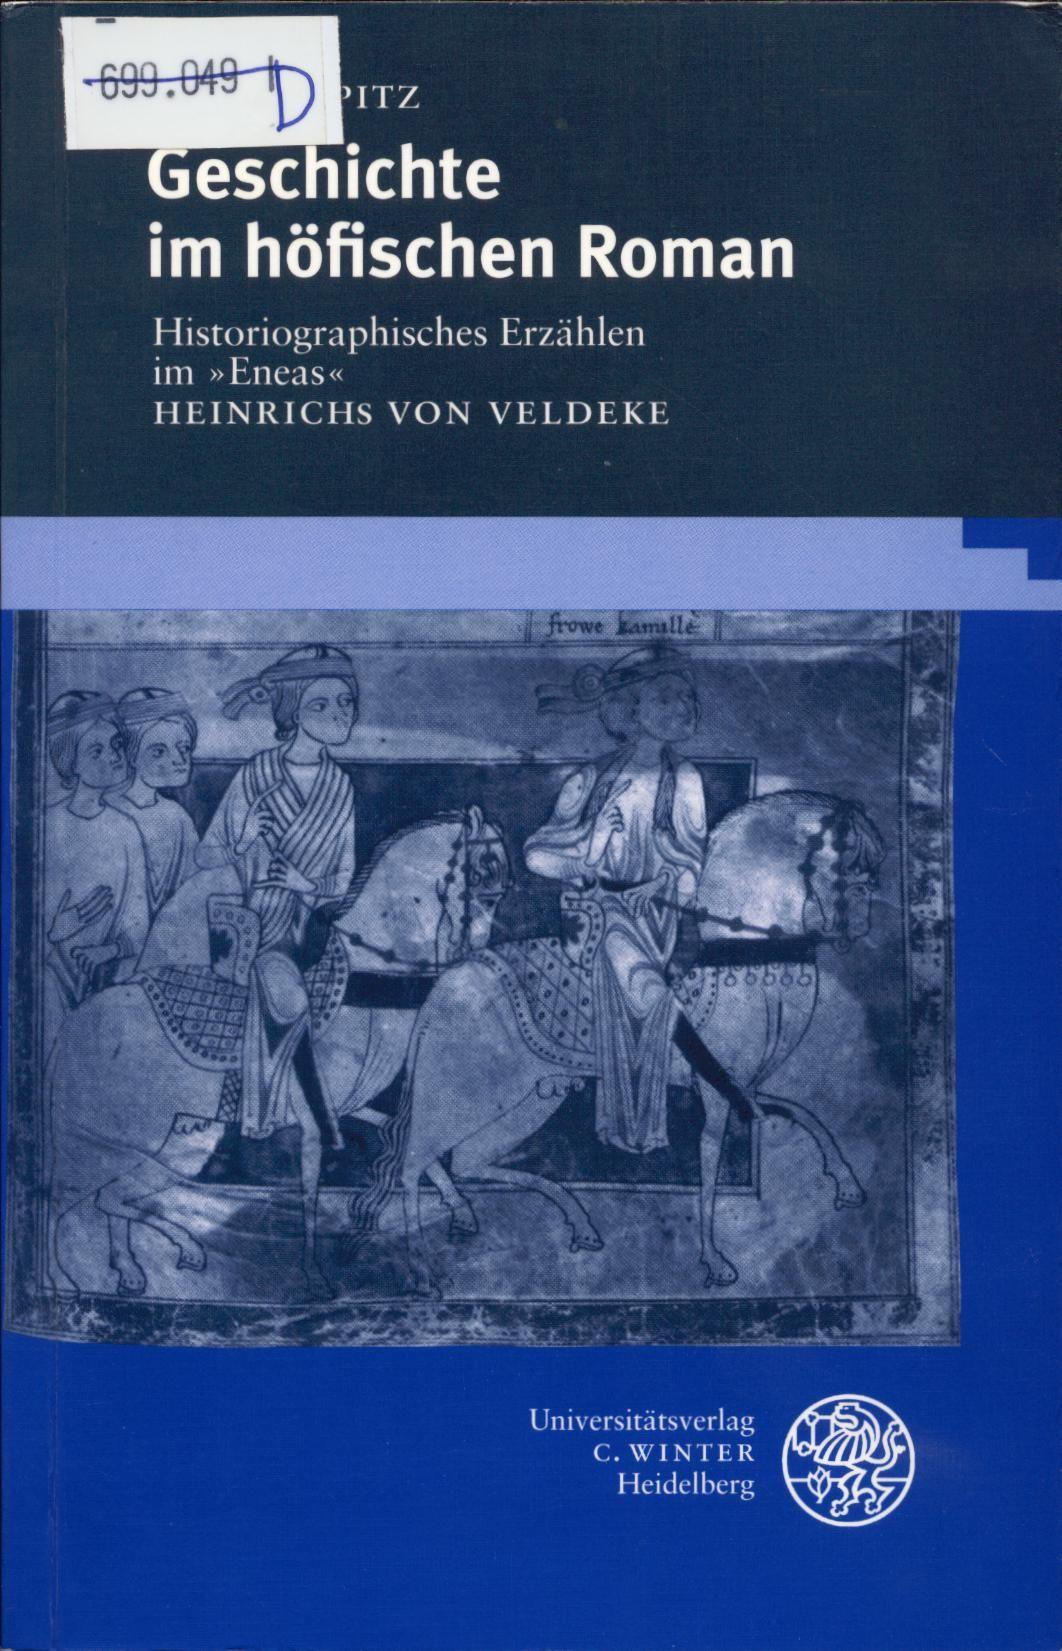 Geschichte im höfischen Roman Historiographisches Erzählen im